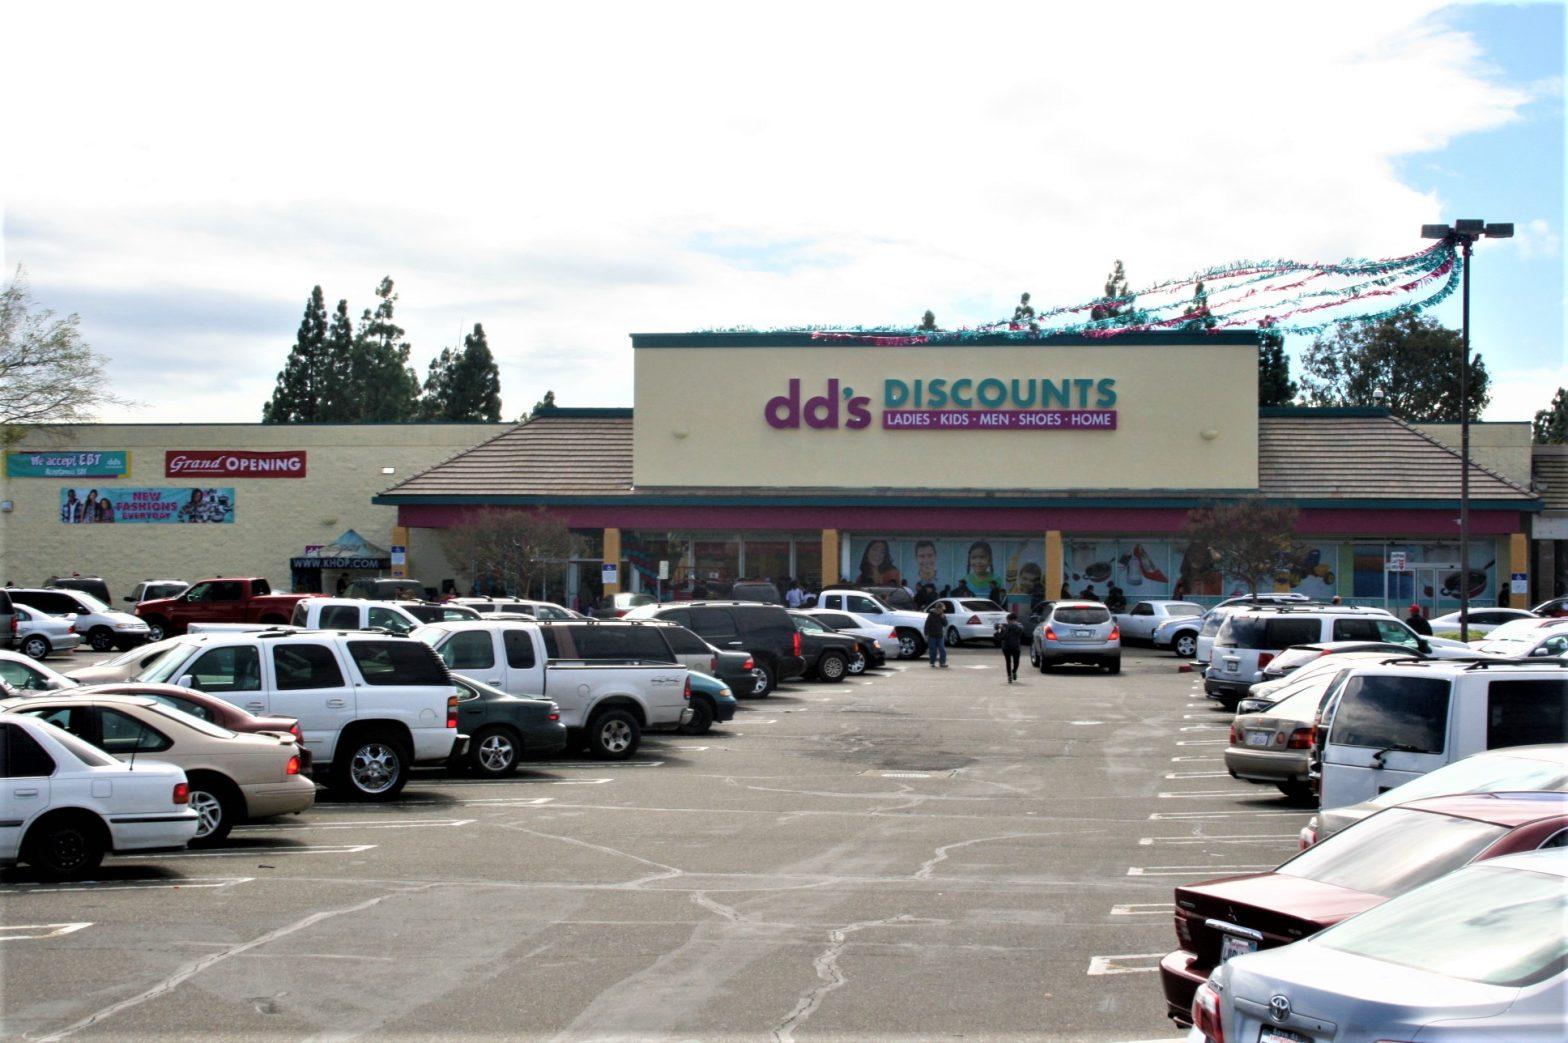 dd's Discount